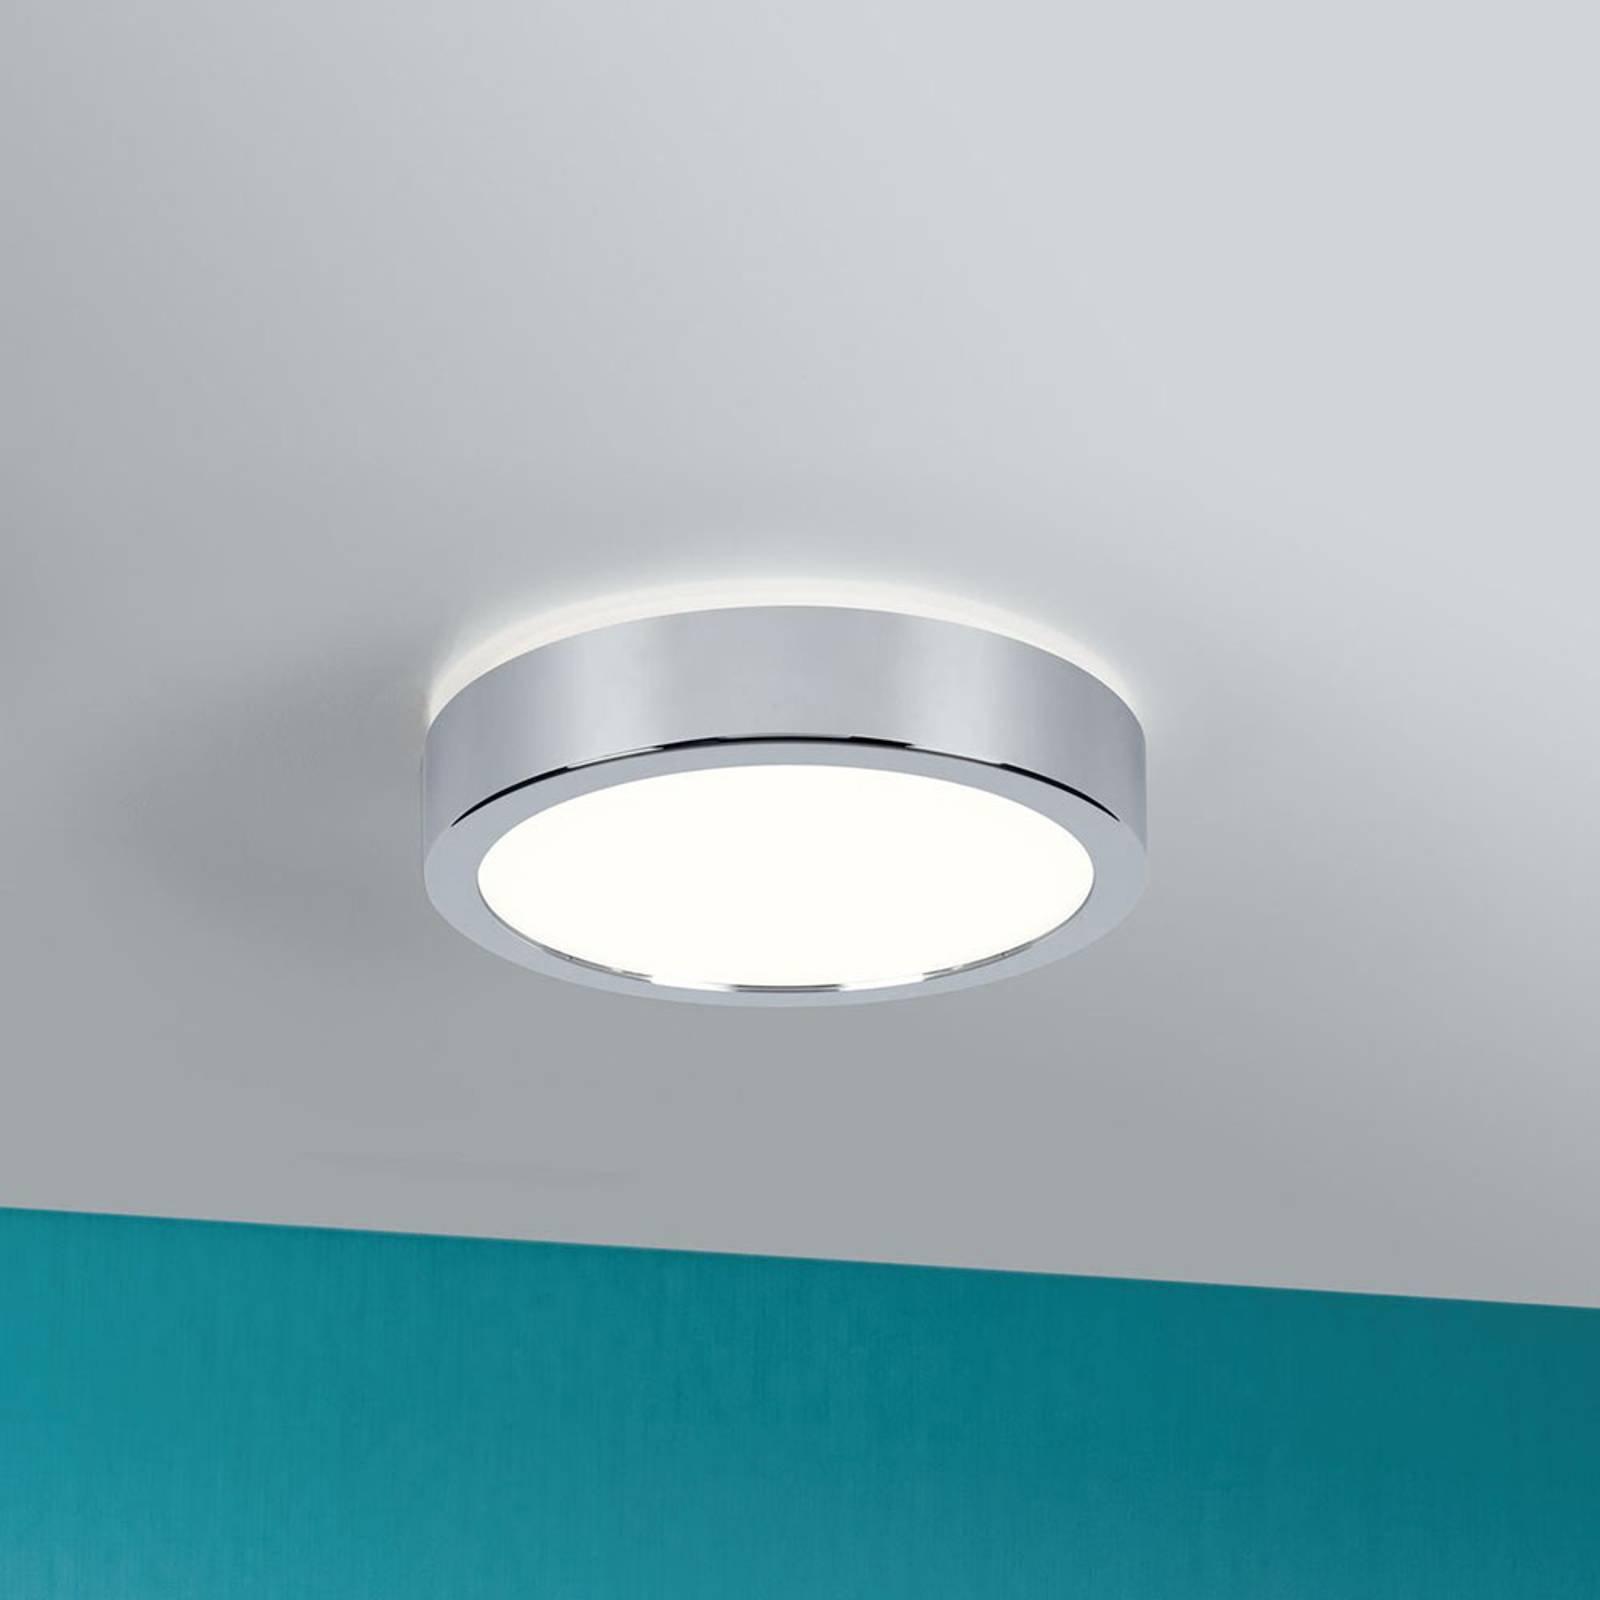 Paulmann Aviar LED-taklampe Ø 22 cm krom 4 000 K